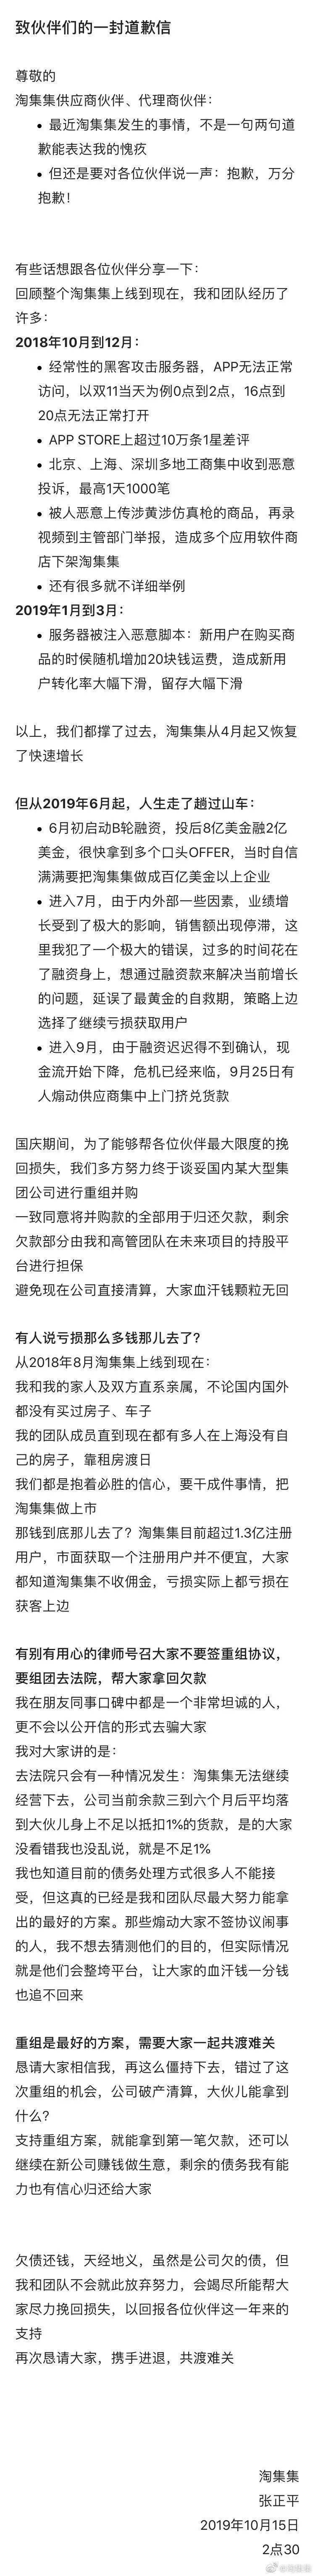 """P2P交流-投资理财我是如何被淘集集""""拖垮""""的理财平台(3)"""